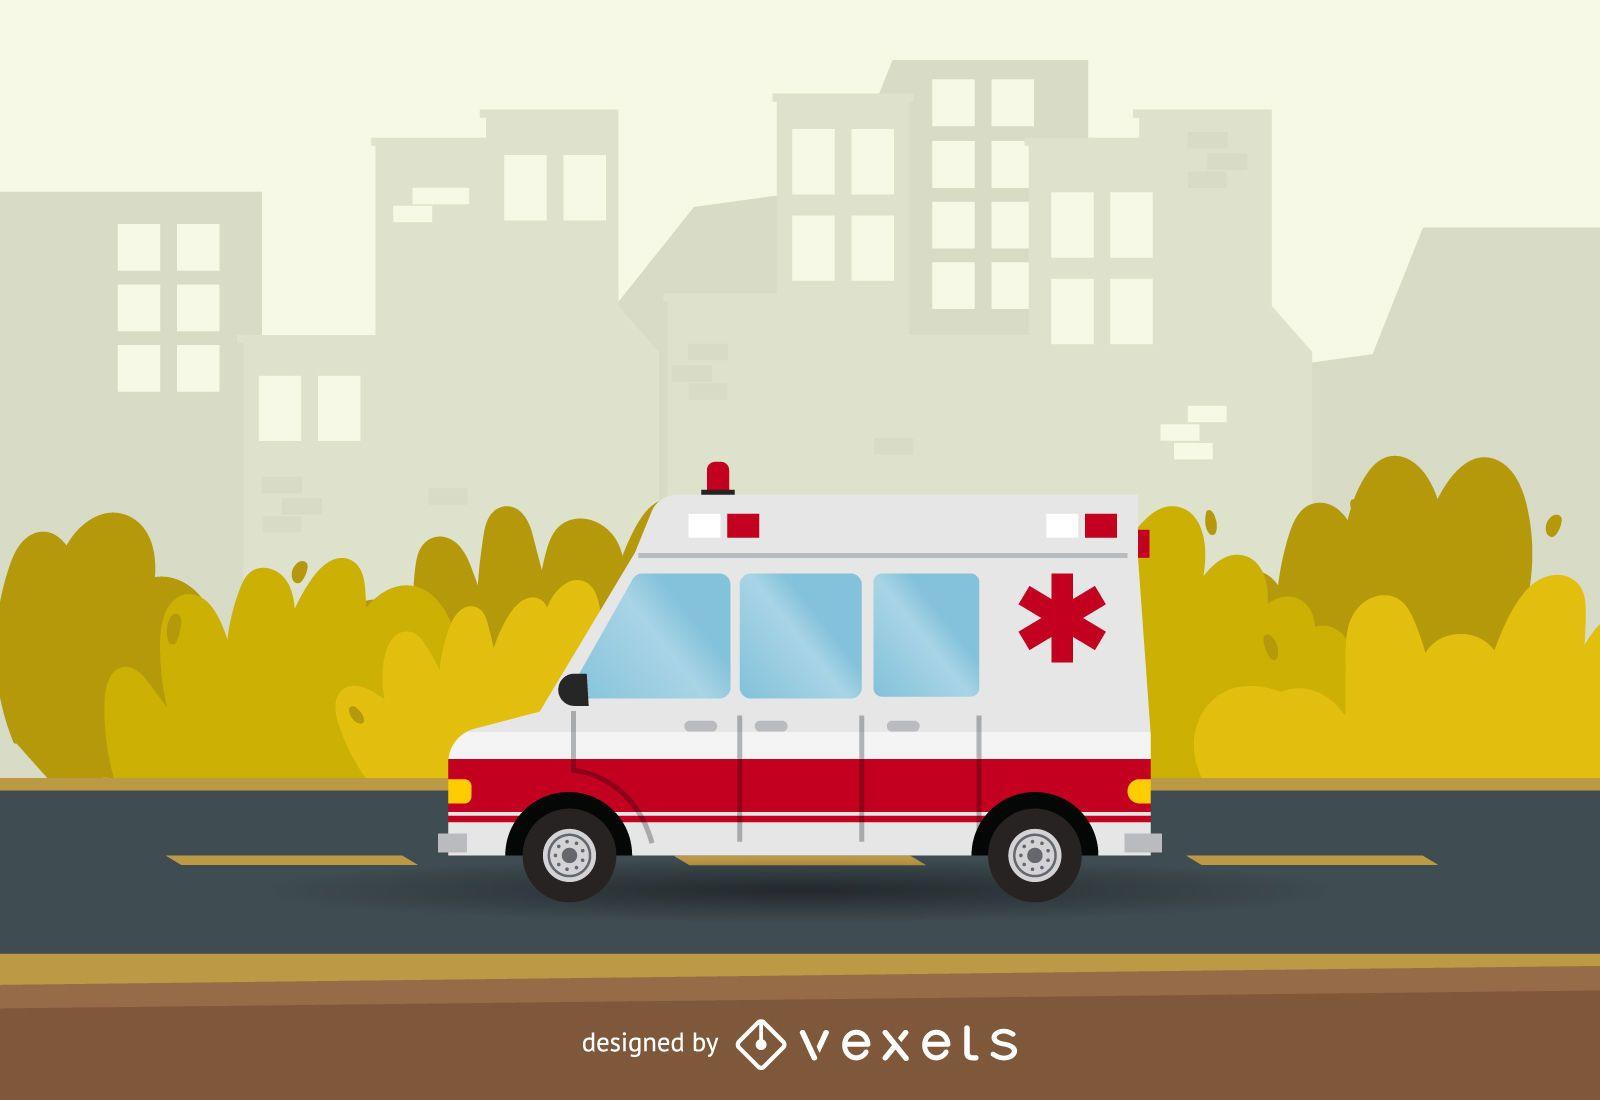 Ilustración de ambulancia del hospital